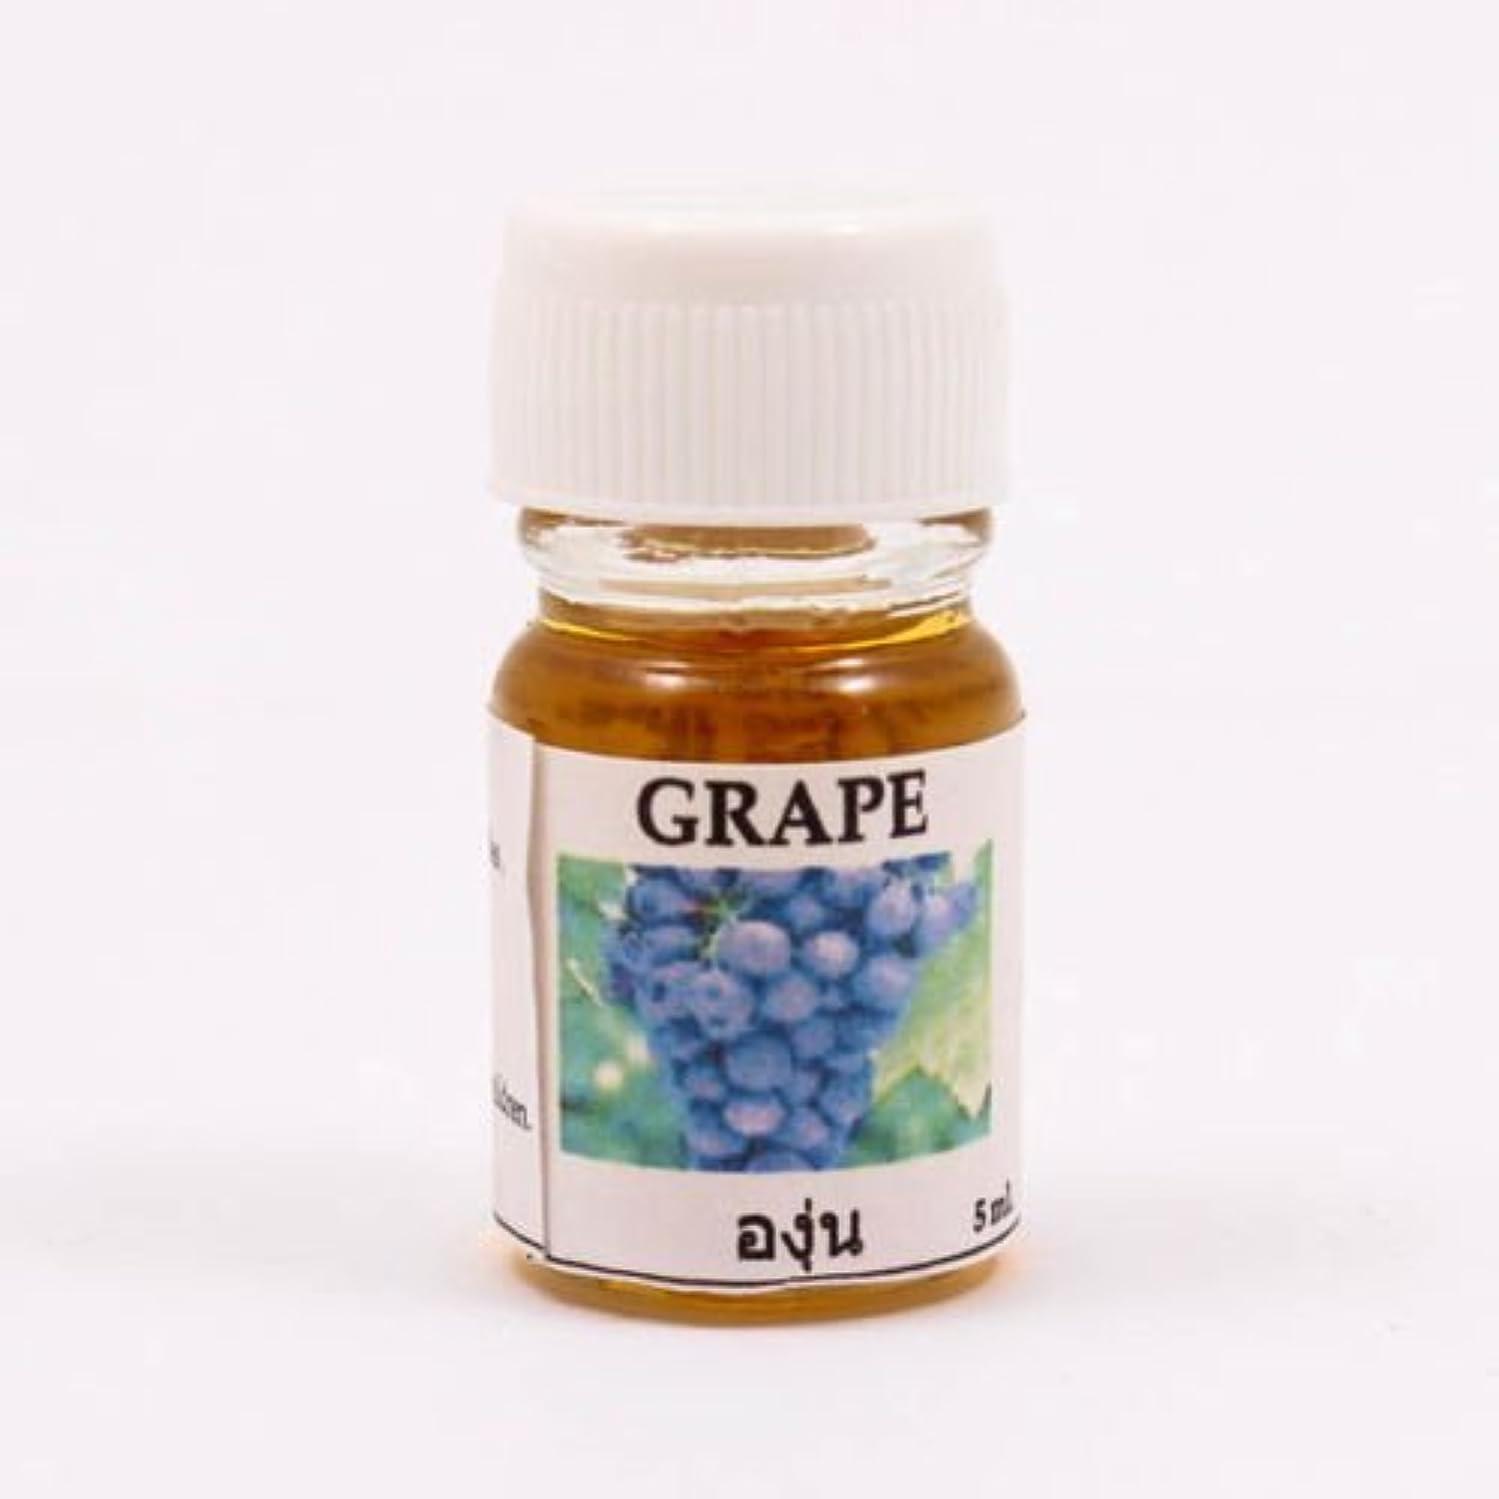 同情シャッターなんでも6X Grape Aroma Fragrance Essential Oil 5ML. (cc) Diffuser Burner Therapy